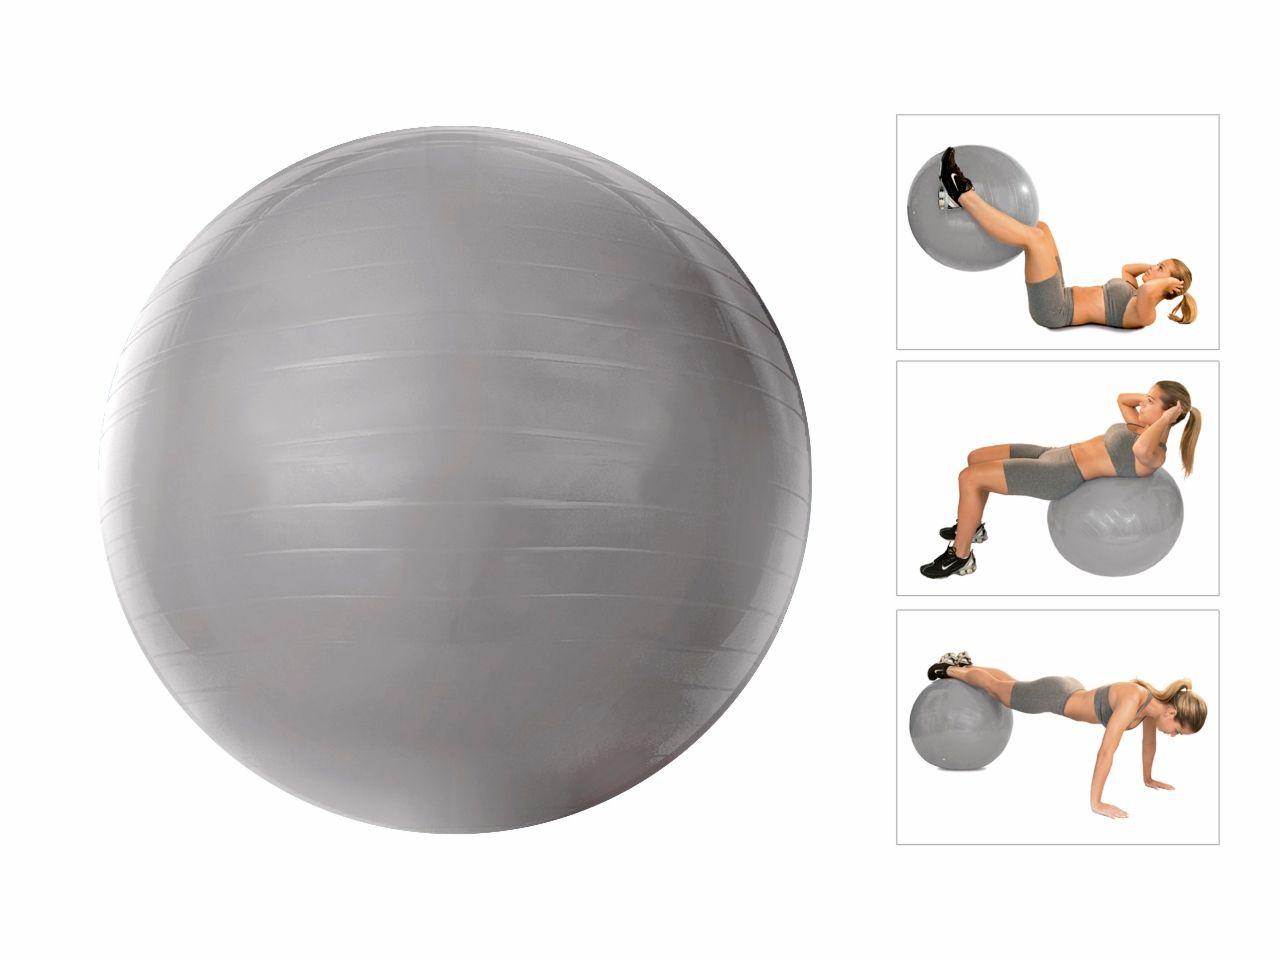 Bola Suiça Para Pilates Com Bomba de Ar - - ISP Saúde.com.br b06c1b845687f